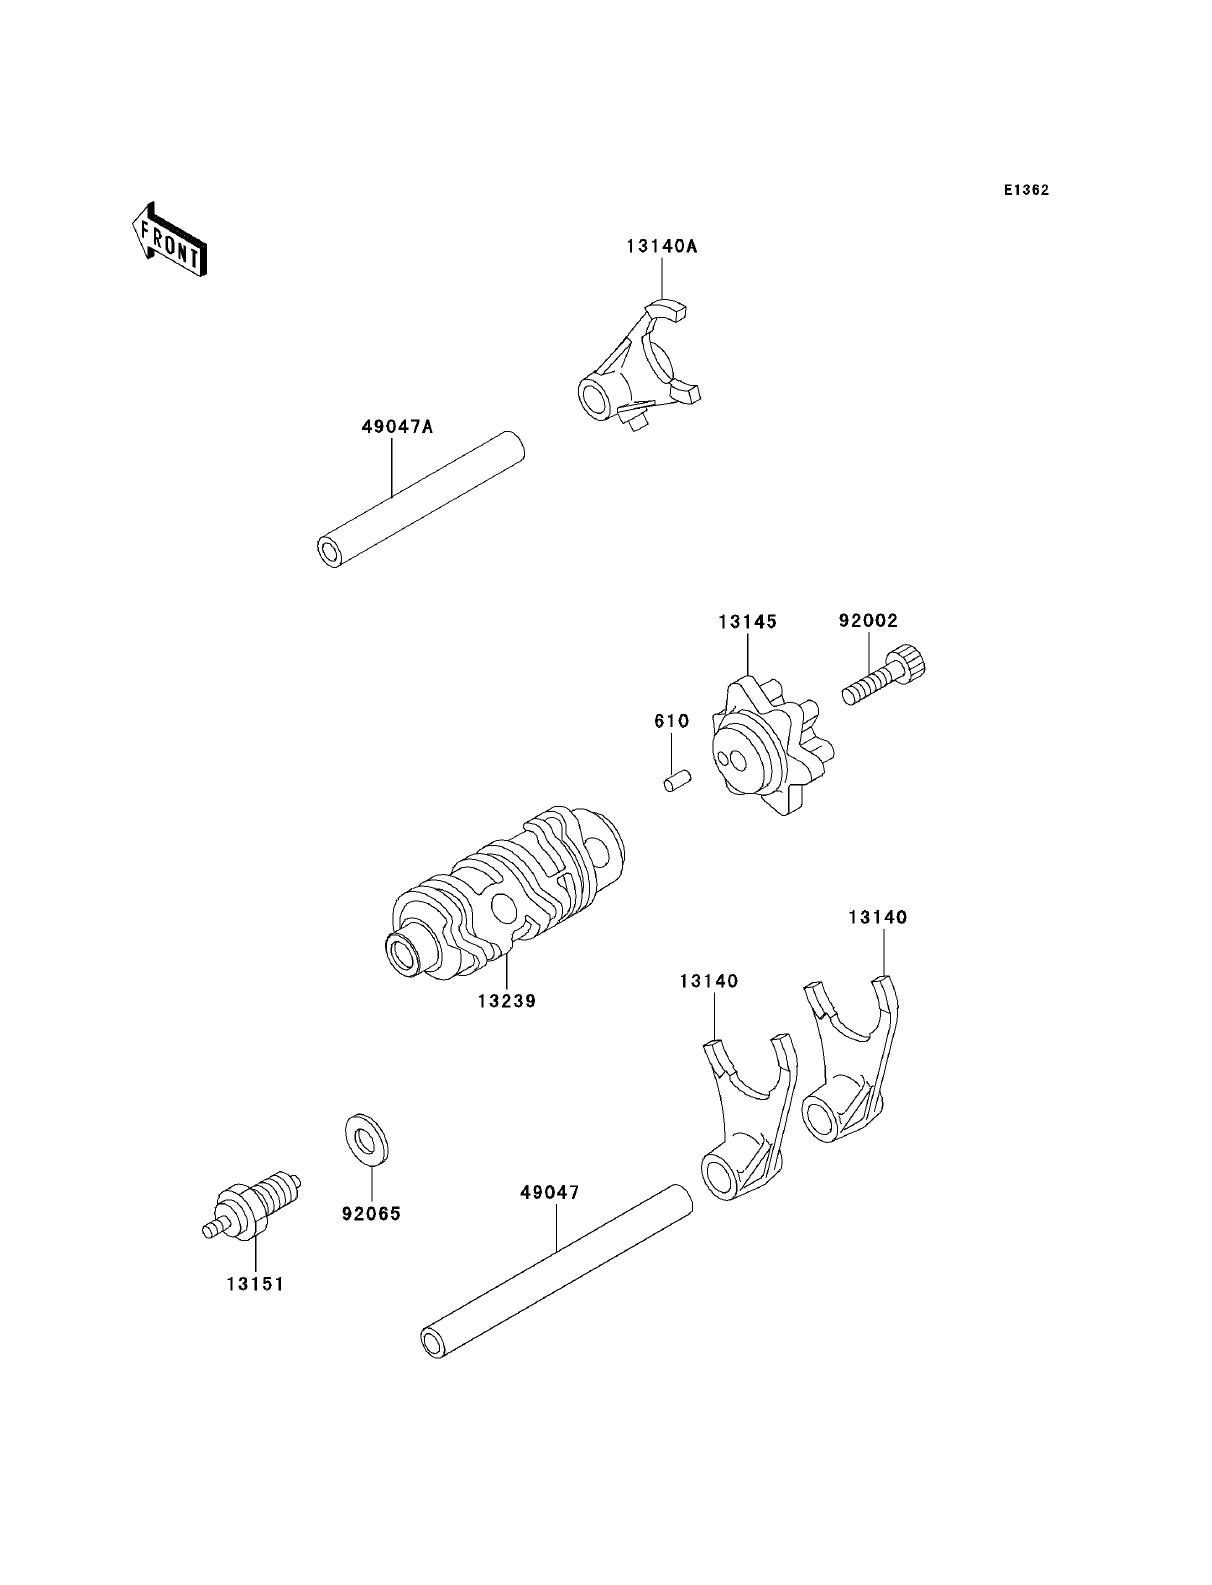 Kawasaki KLR250: Kawasaki KLR250 Parts Diagrams